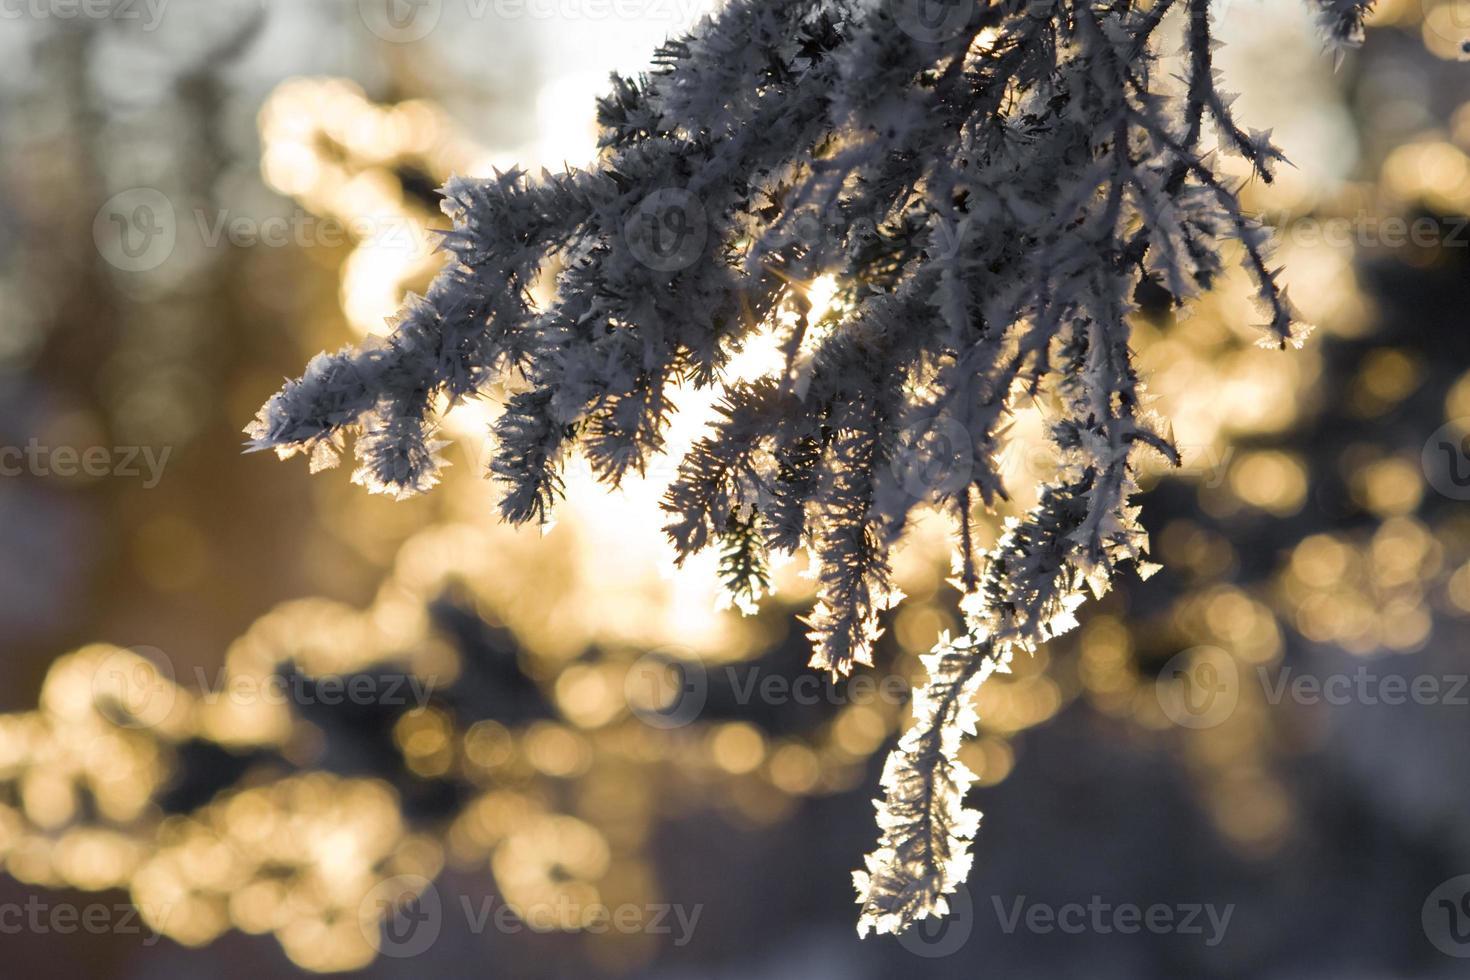 cristales de hielo de invierno en pino congelado foto